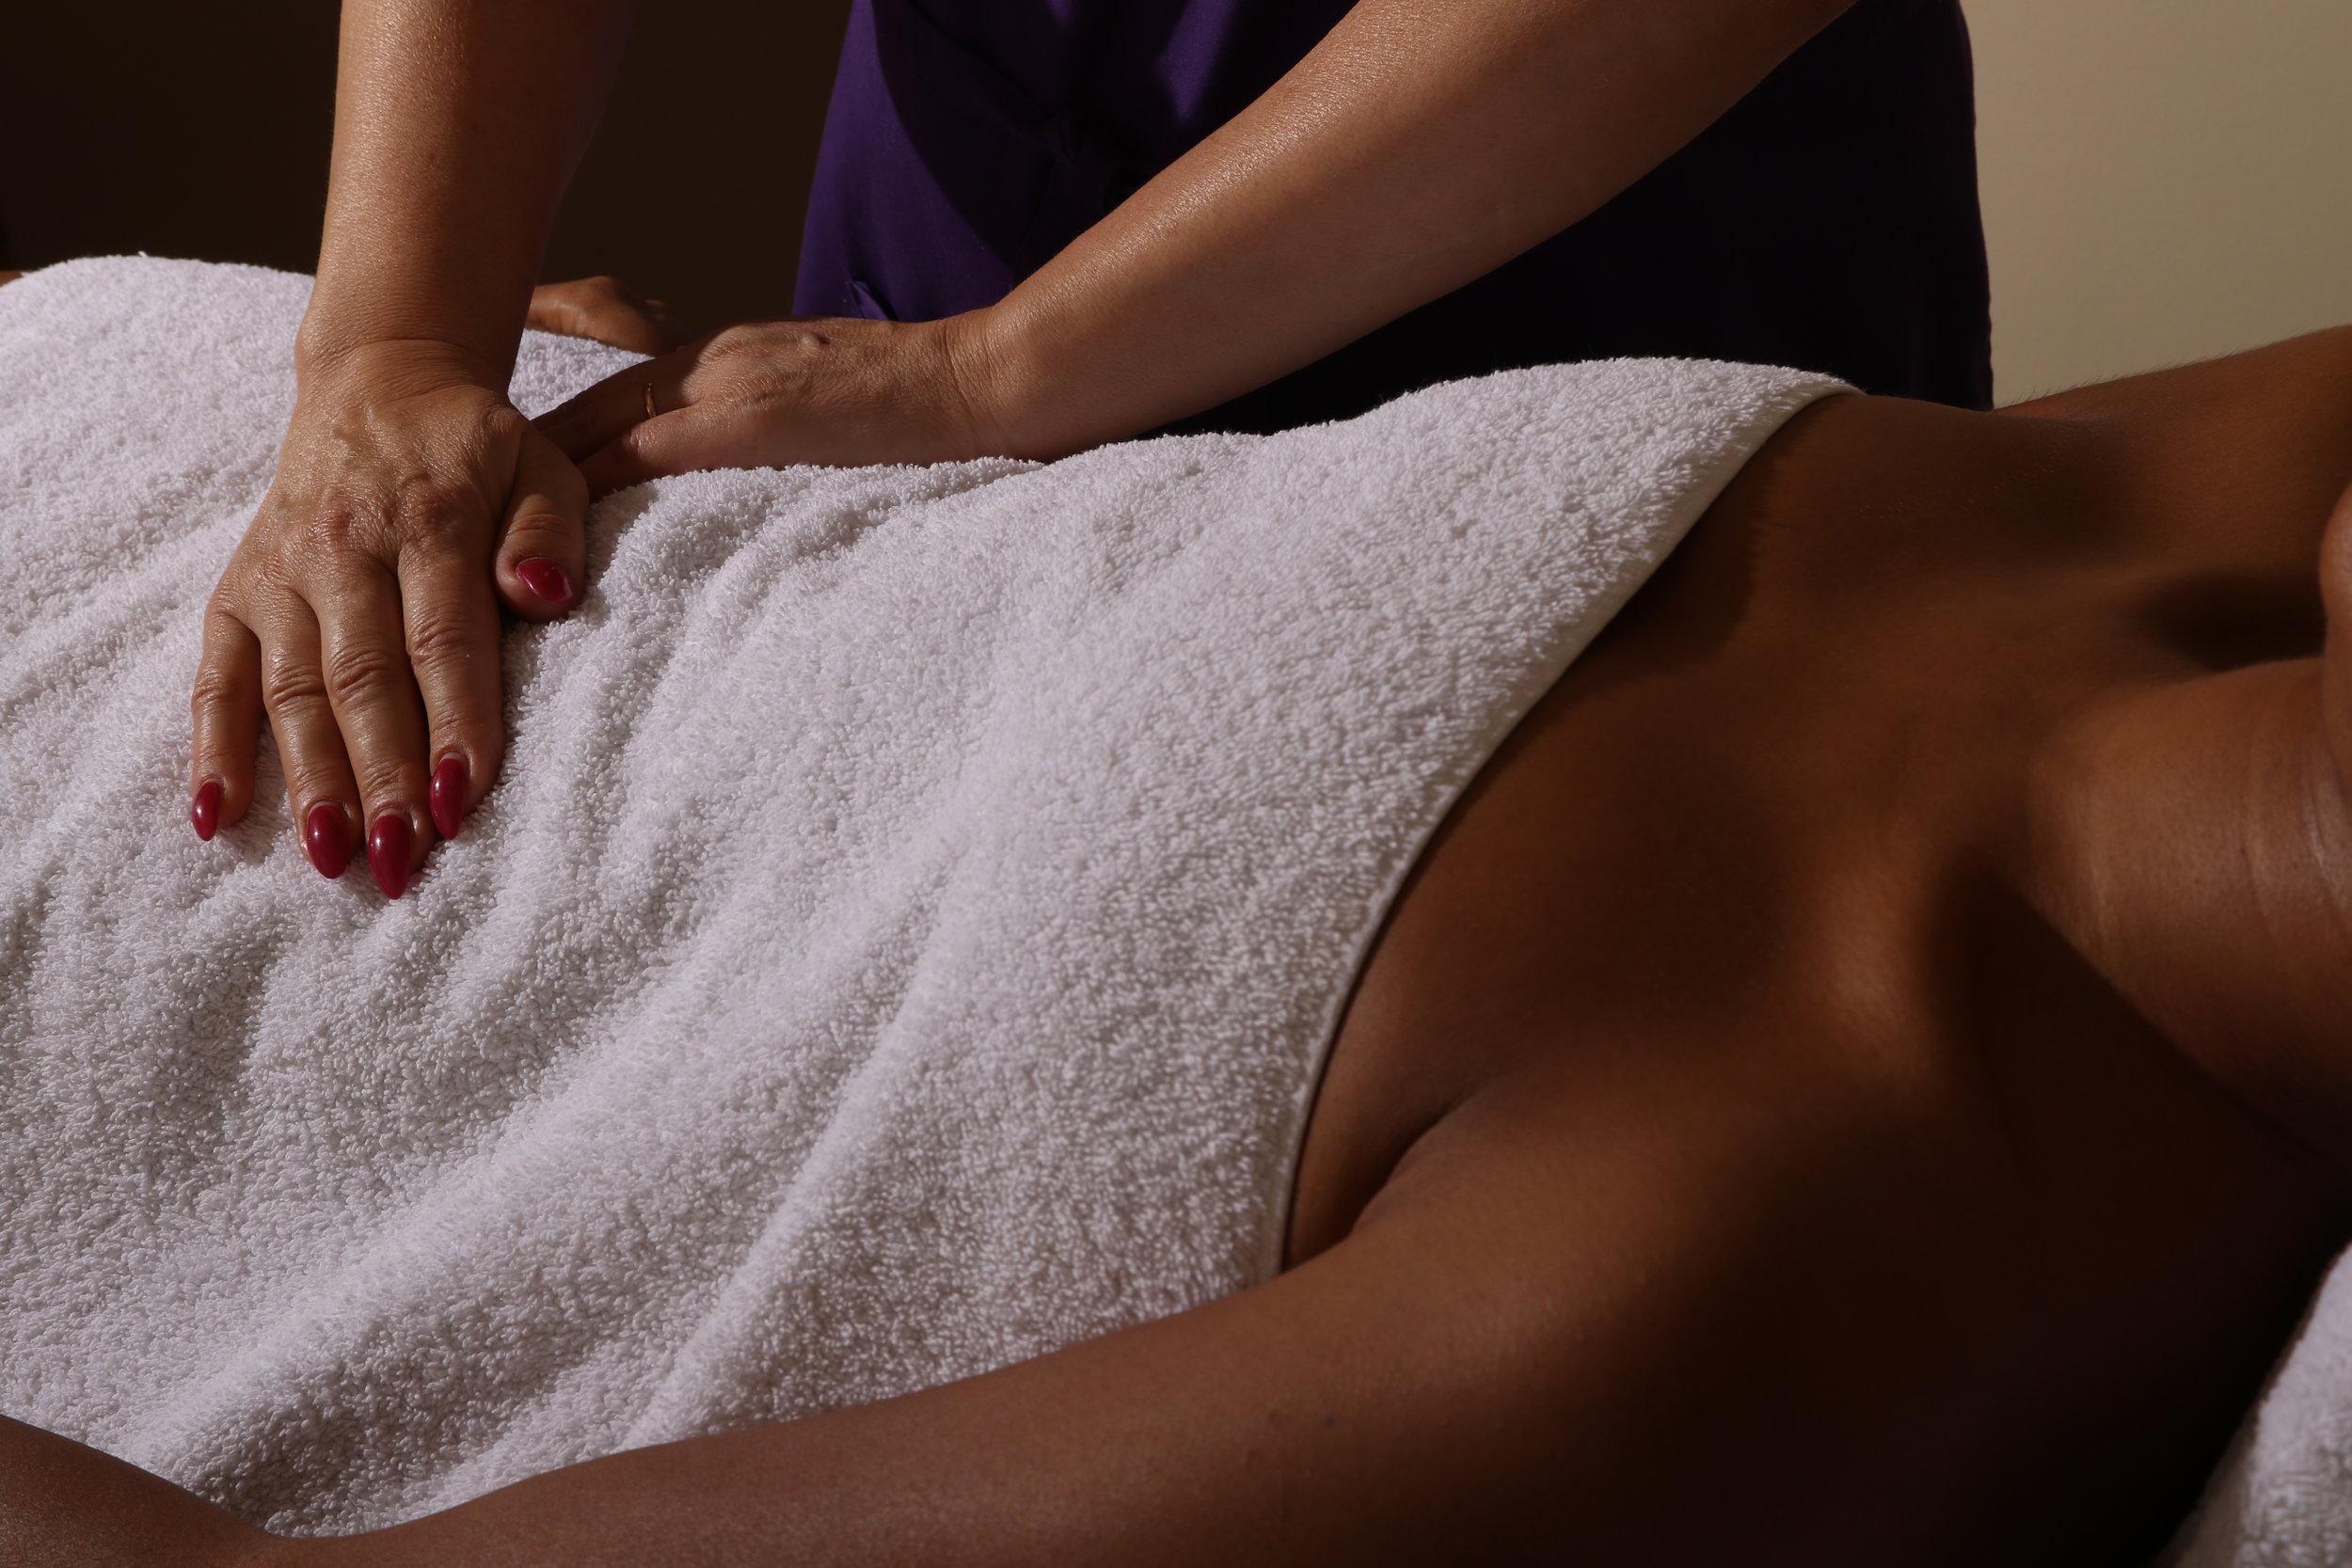 Reiki - Le Reiki est une forme de thérapie alternative communément appelée guérison énergétique. Elle est apparue au Japon à la fin des années 1800 et on dit d'elle qu'elle implique le transfert d'énergie universelle des paumes de la main du praticien à son patient, elle s'appuie sur le champ vibratoire de ce dernier.